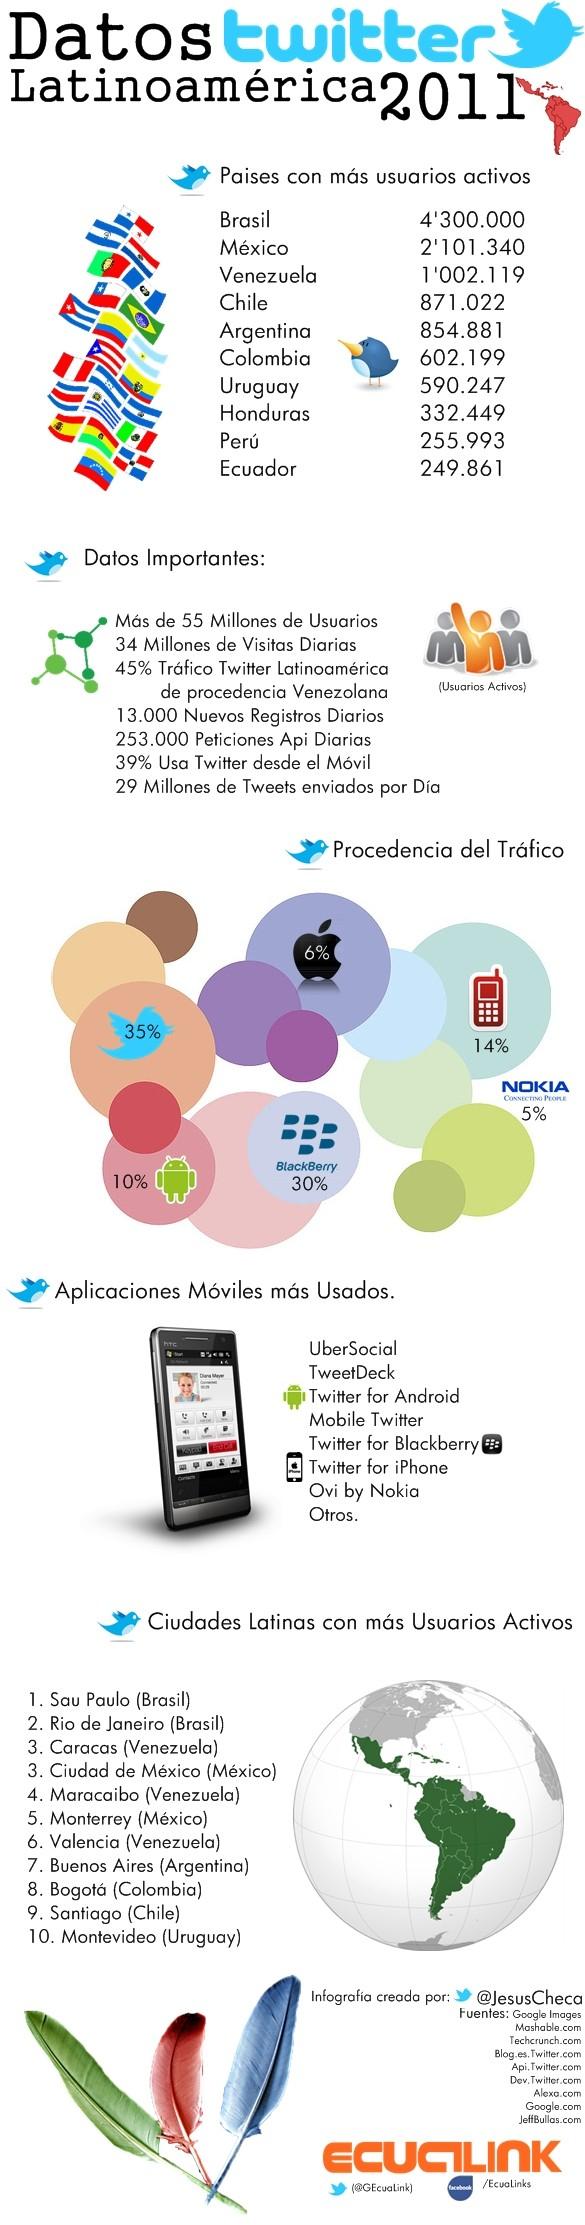 Por fin, luces sobre número de usuarios de Twitter en Latinoamérica